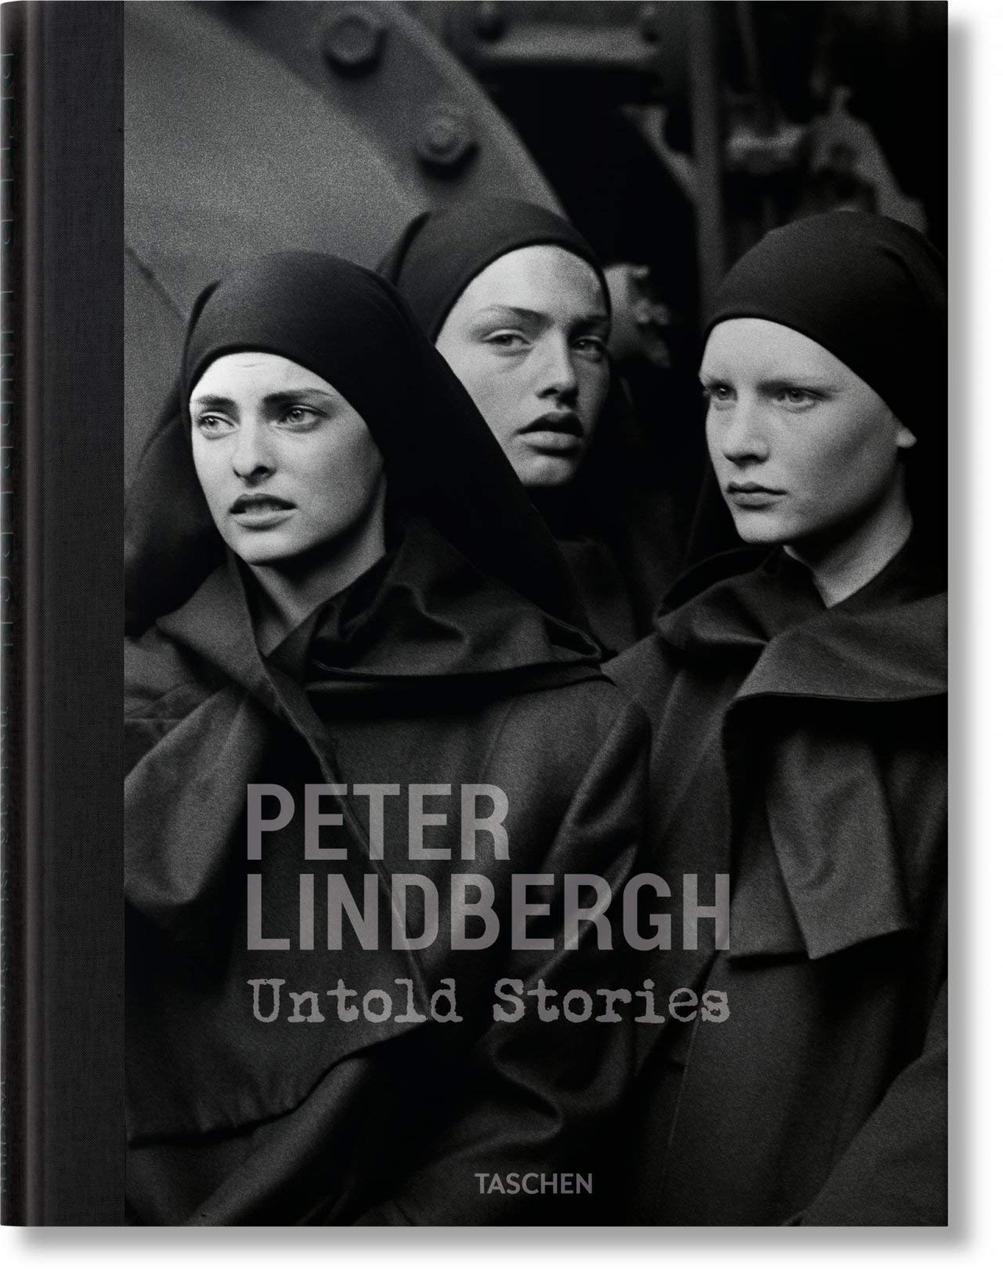 Известные фотографы. Peter lindbergh. Untold Stories